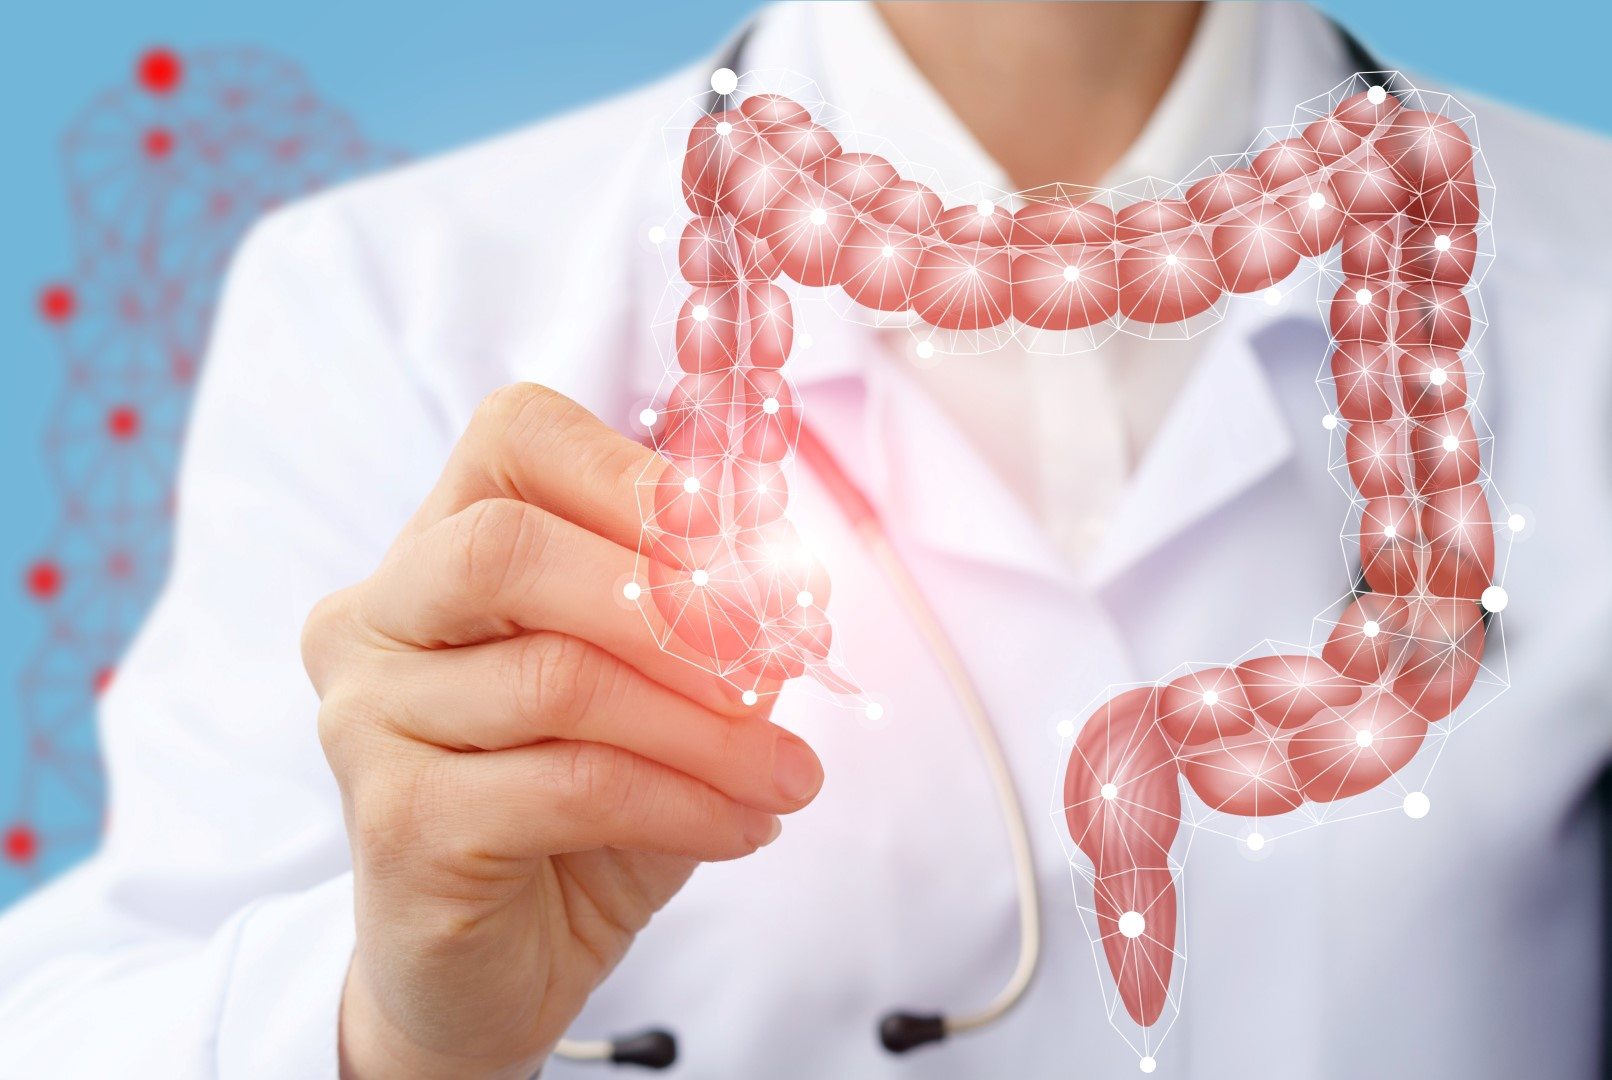 Ein Arzt zeichnet die Struktur des Darms mit einem Stift nach.